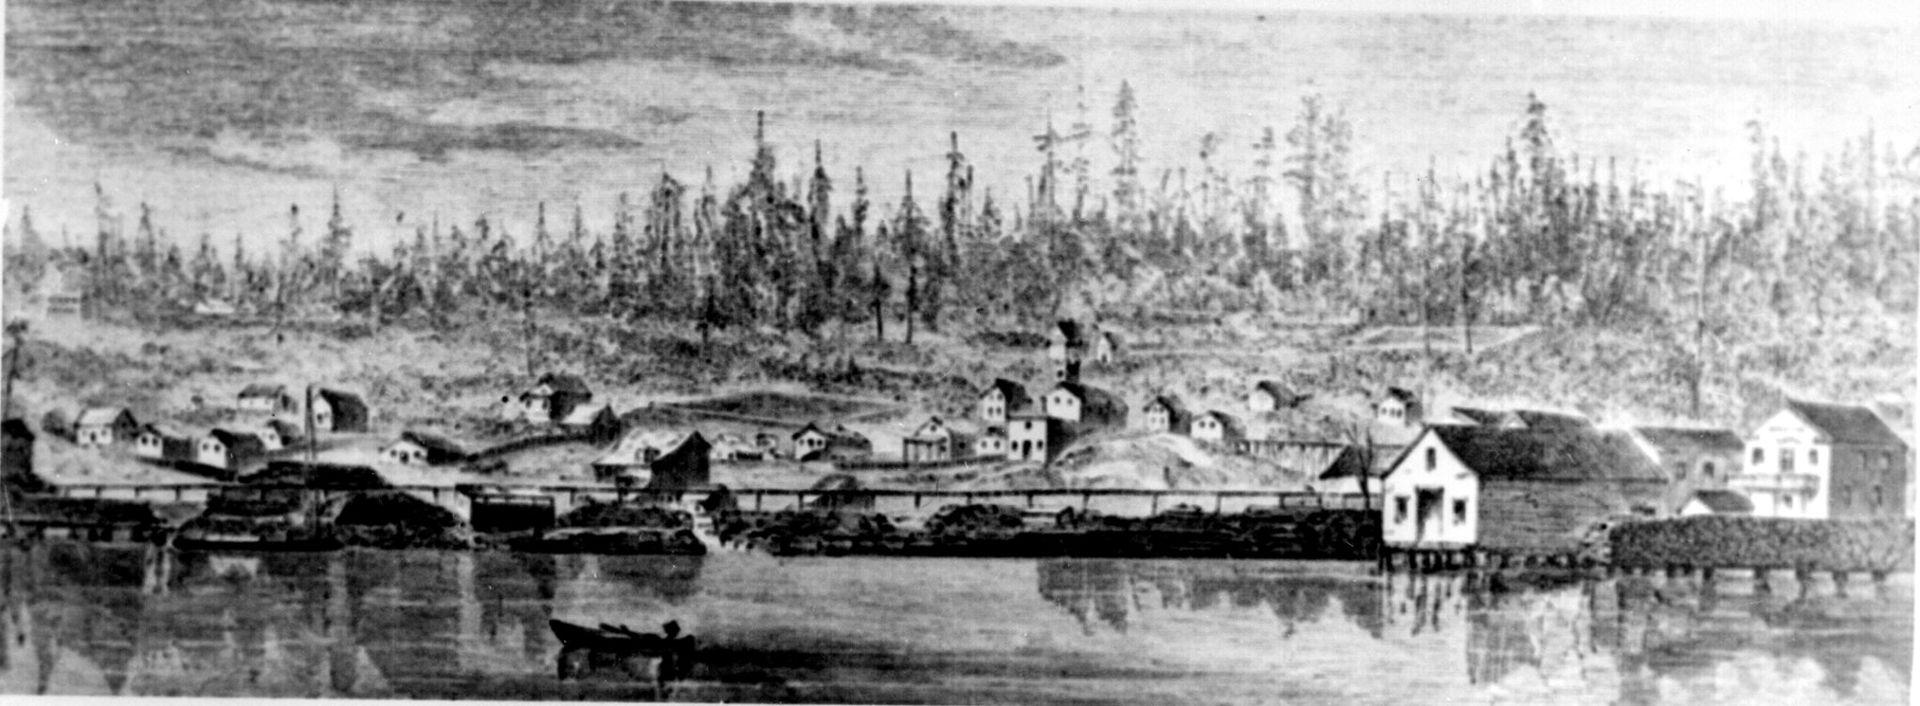 Seattle_1870.jpg